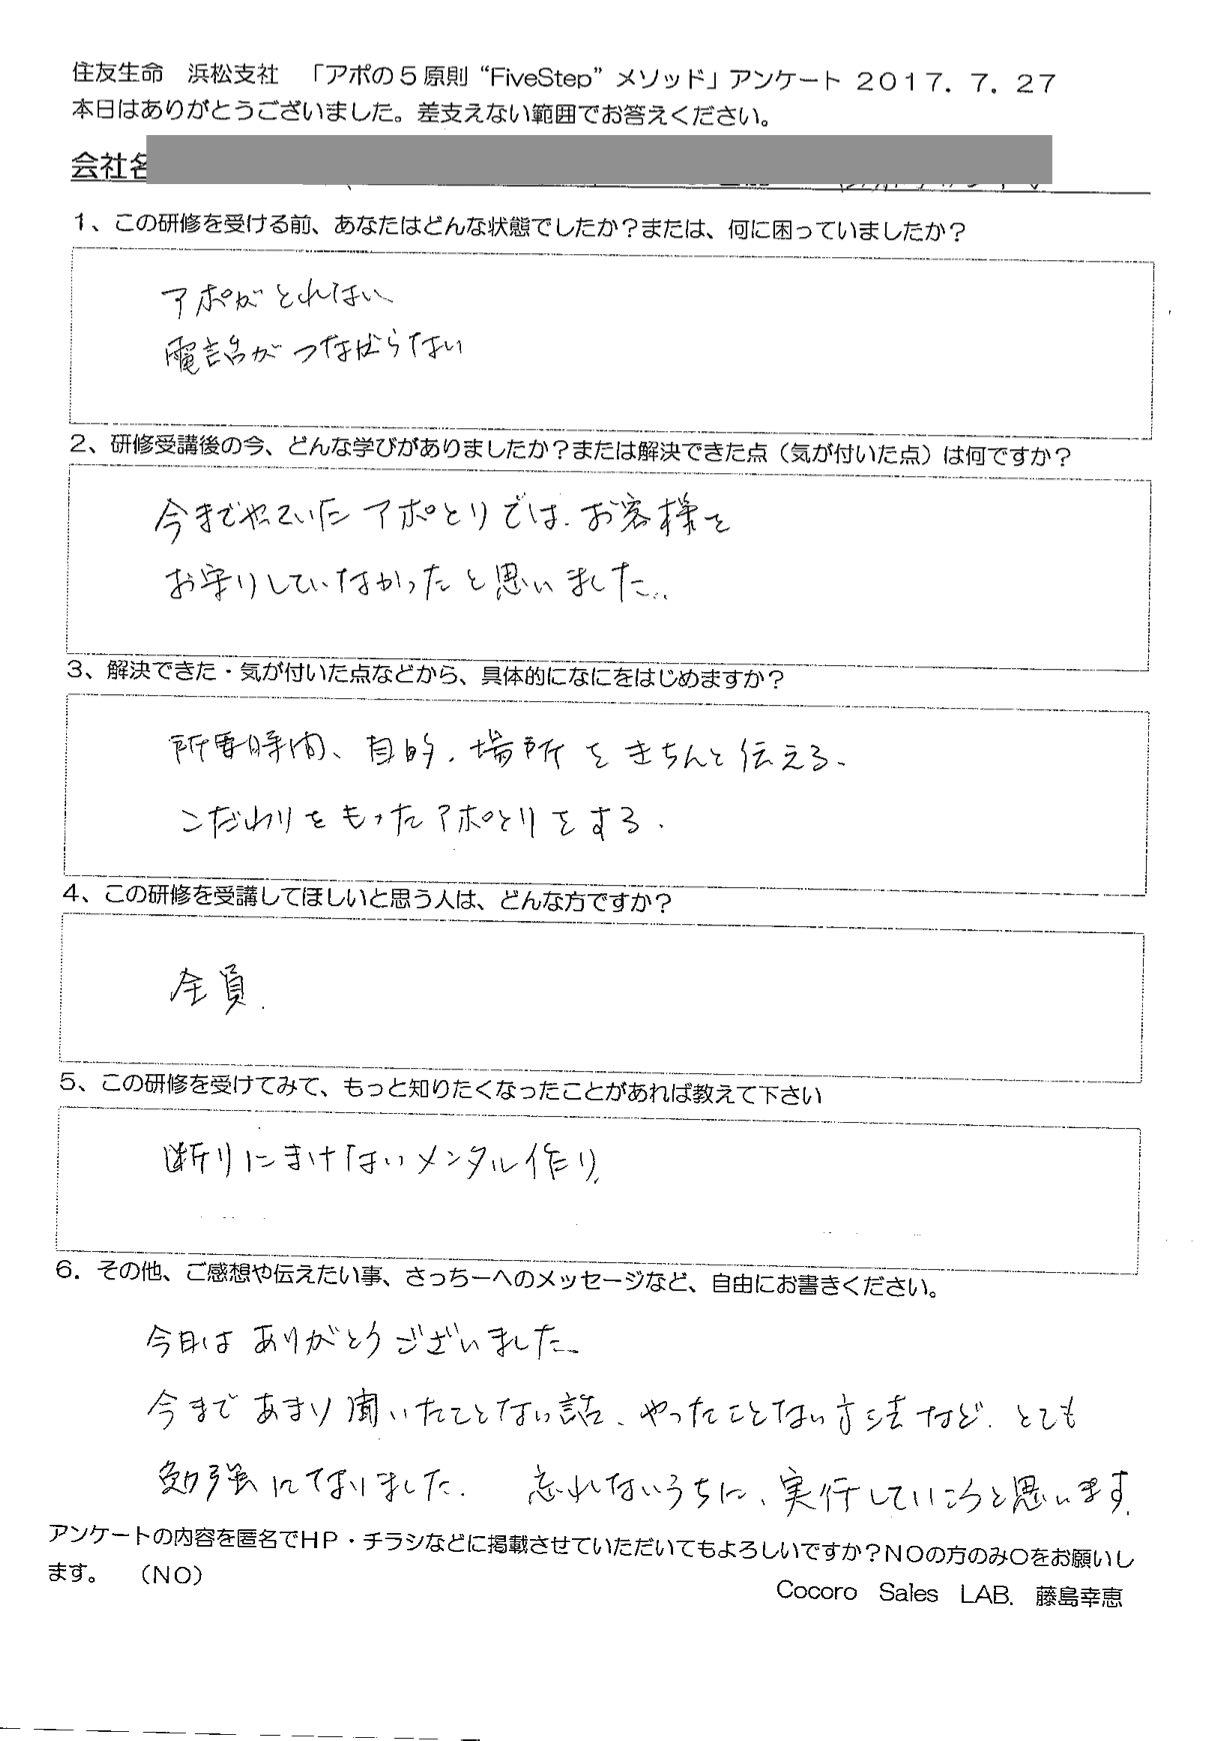 【営業職】住友生命浜松支社様「アポの5原則Five-Stepメソッド」アンケート3